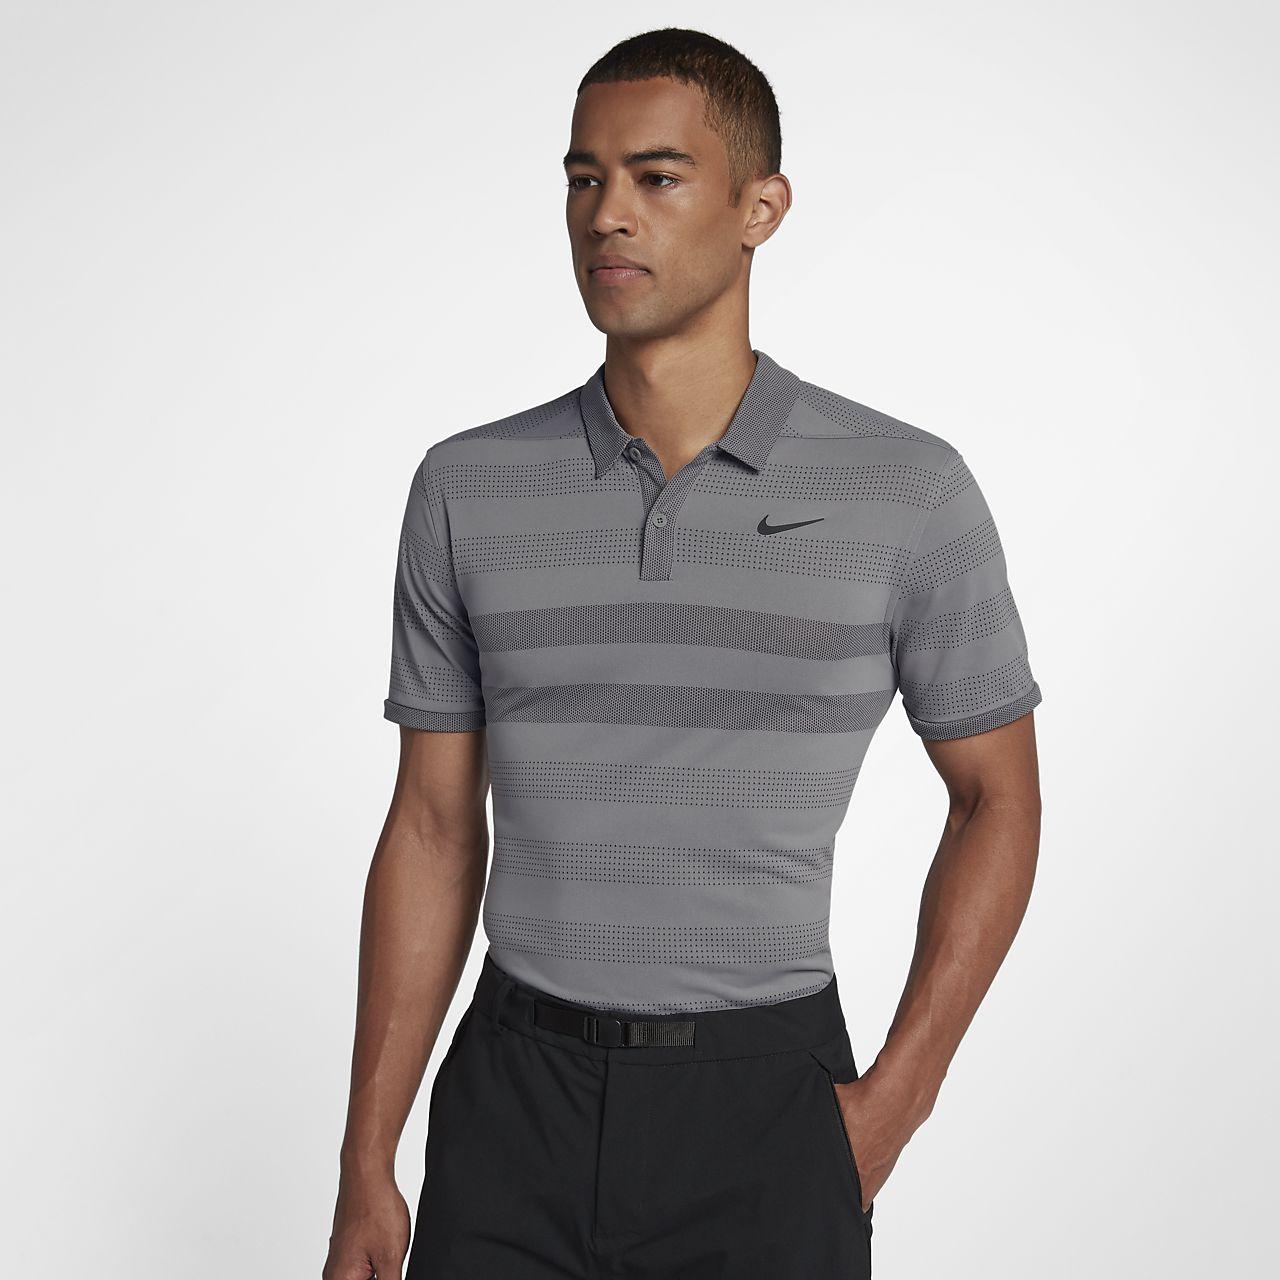 Nike TechKnit Cool Men's Striped Golf Polo